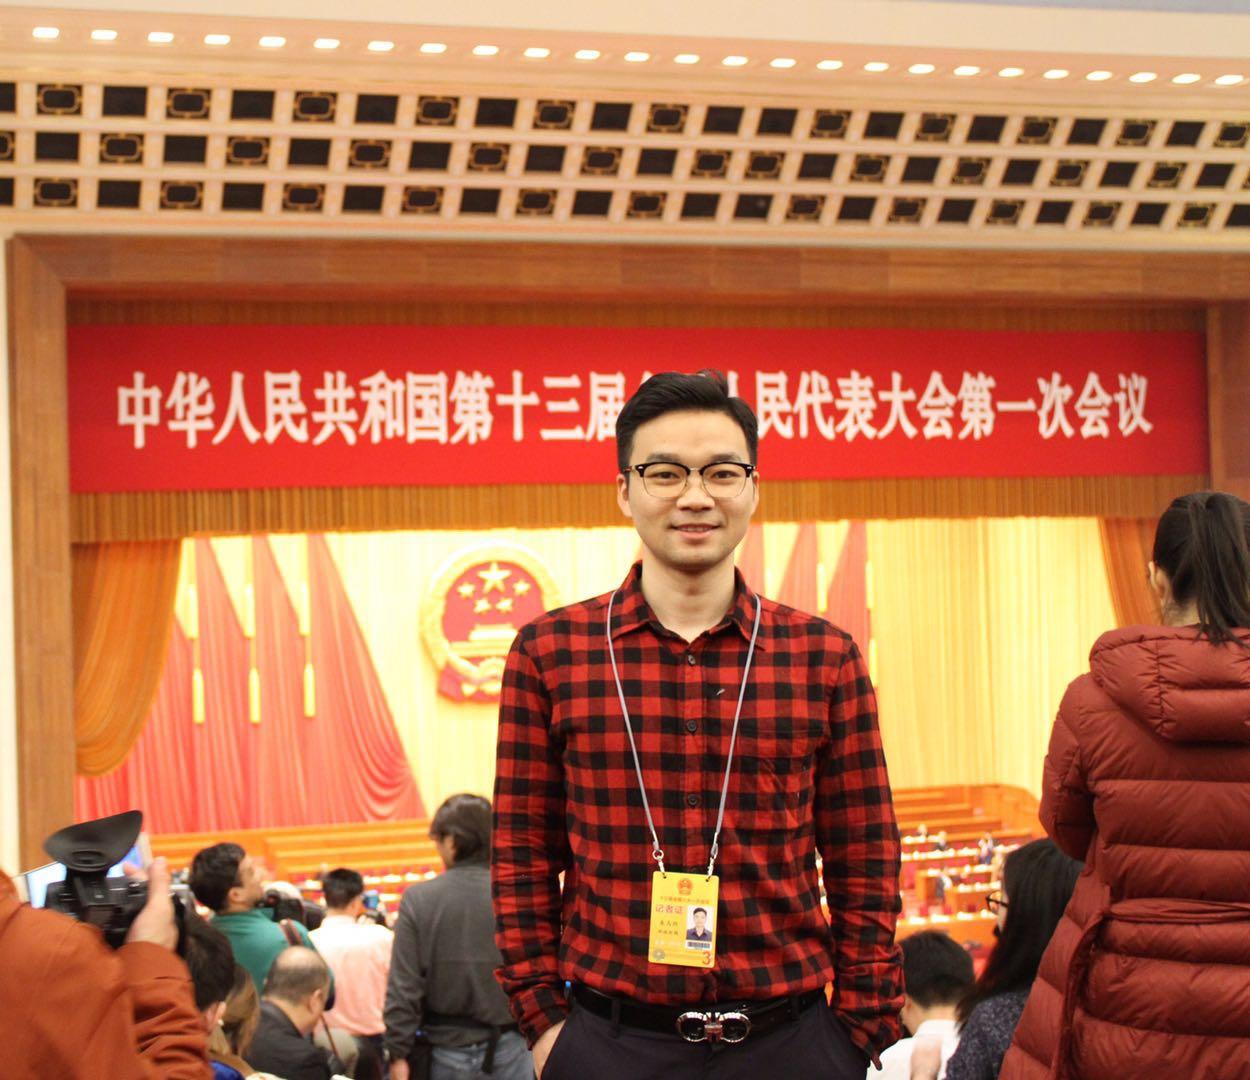 朱马烈环球网国内频道主编